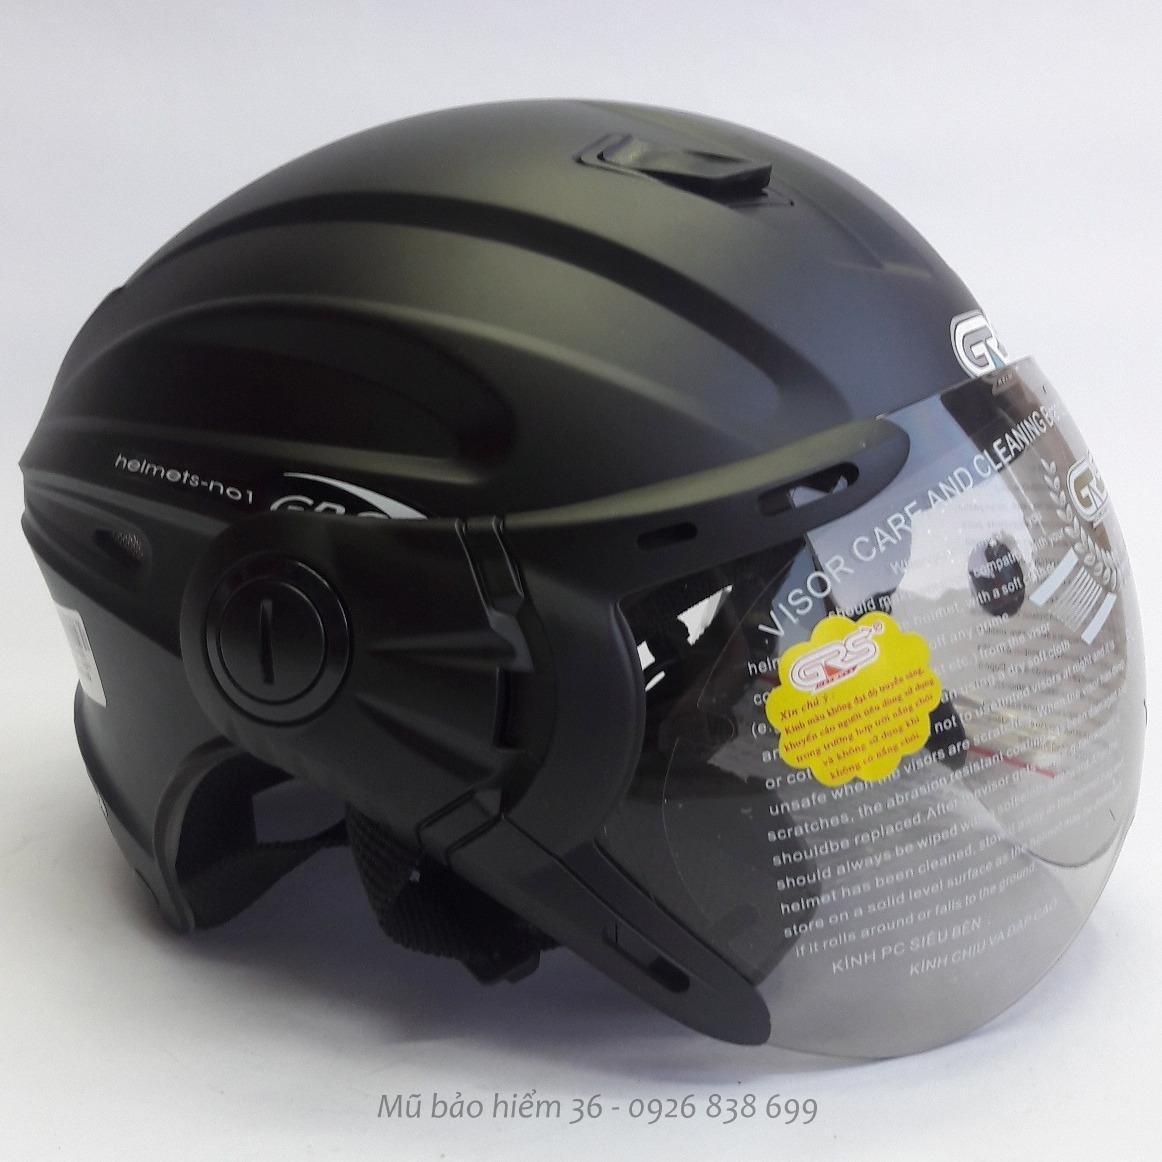 Ôn Tập Mũ Bảo Hiểm Nửa Đầu Co Kinh Grs A737K Mau Đen Nham